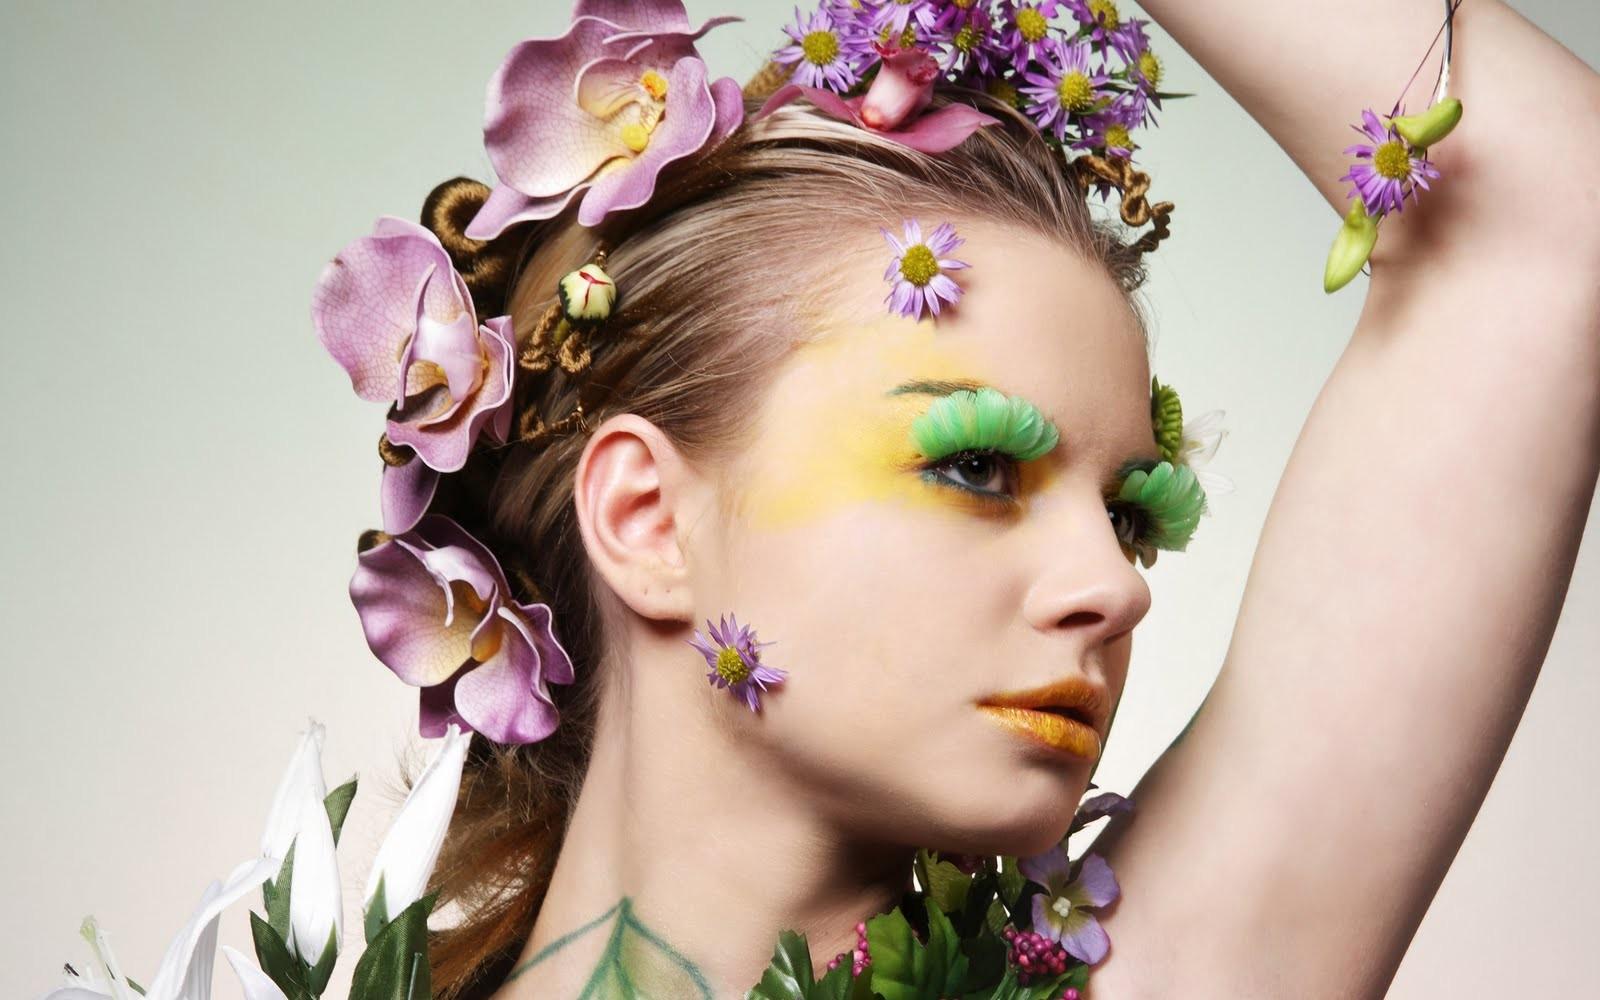 Mujer con adorno de flores - 1600x1000